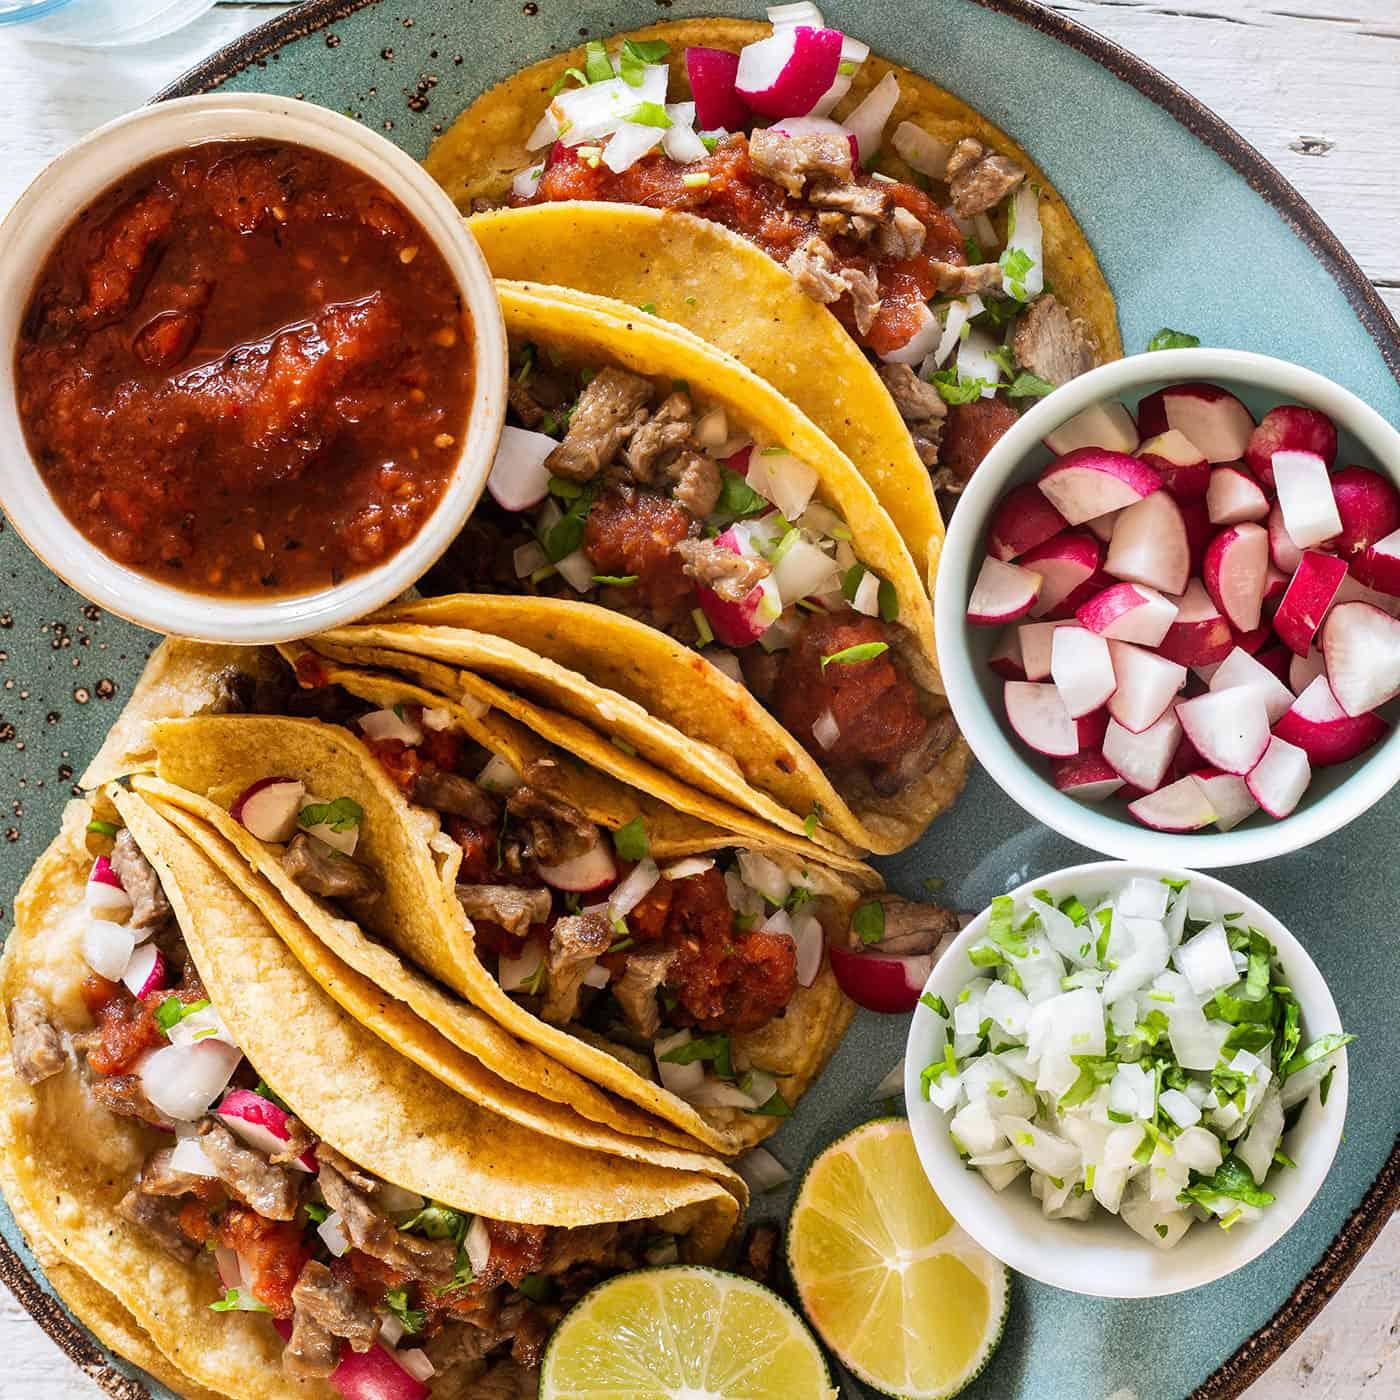 Leftover steak tacos